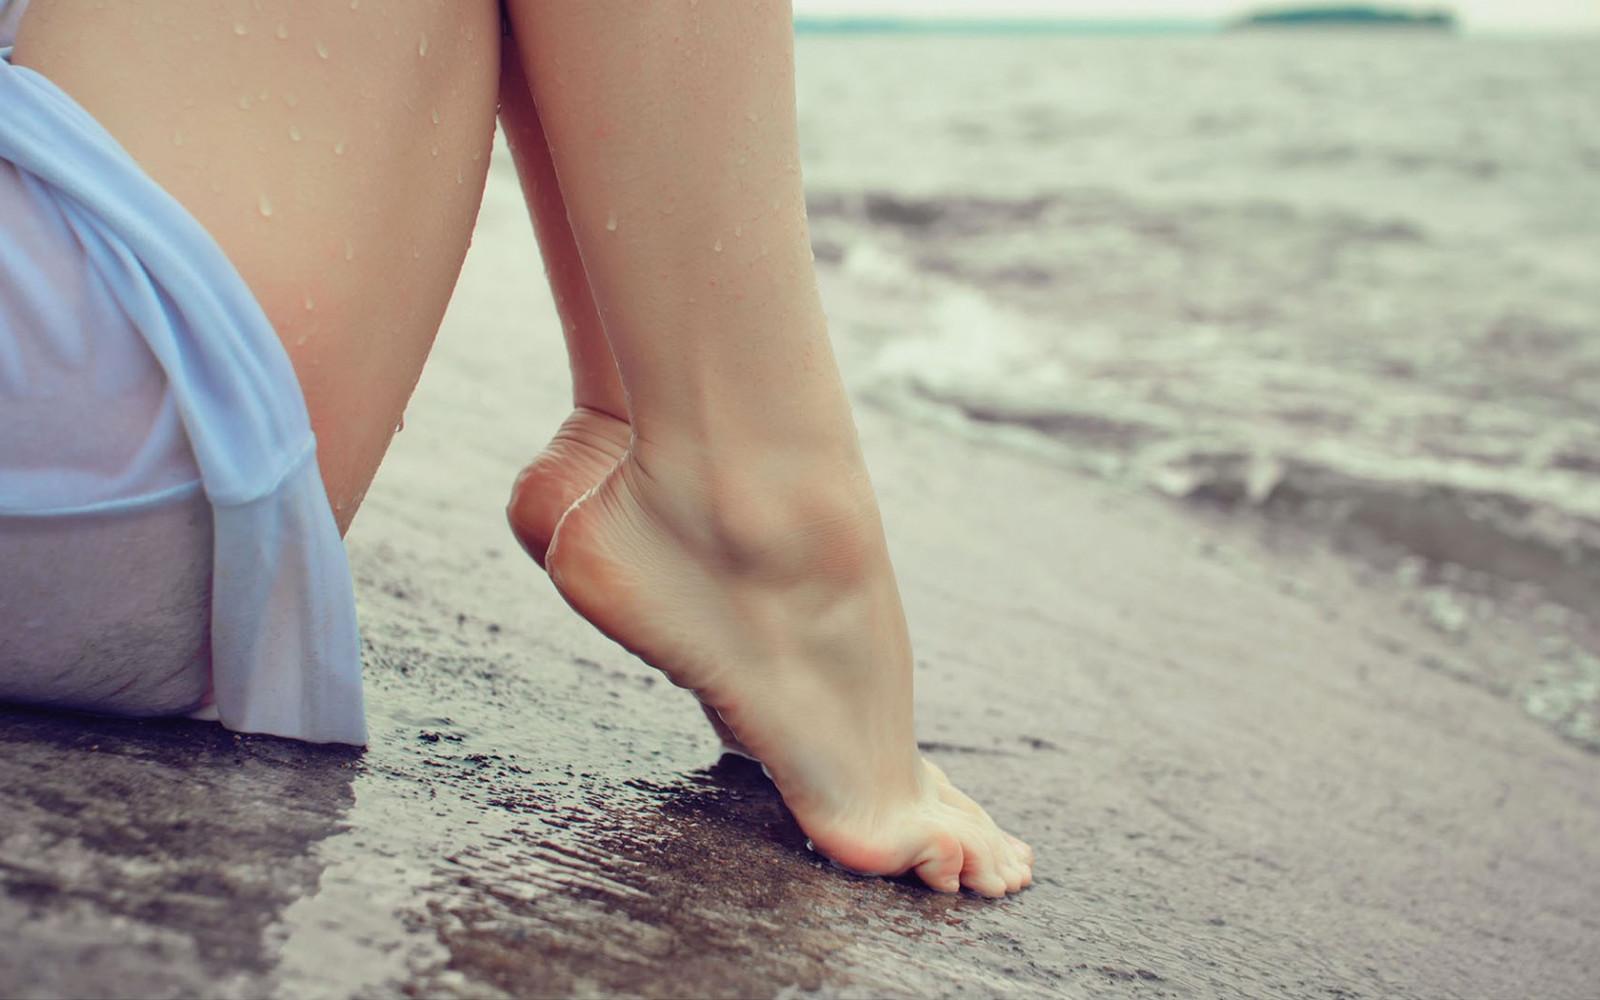 Влажные ноги девушек фото